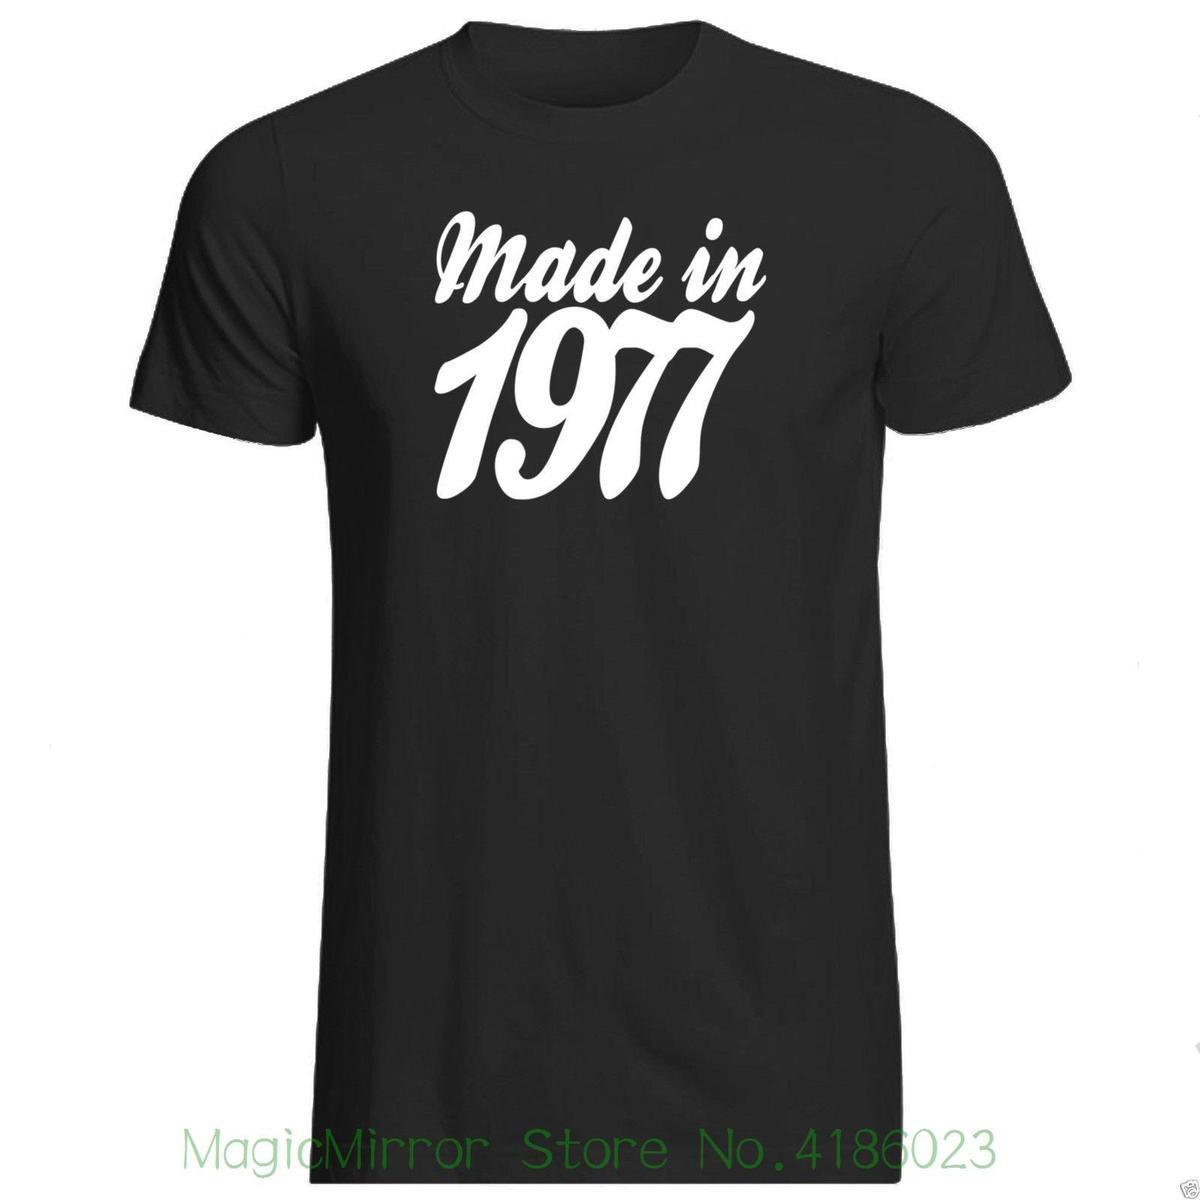 Del Tamaños Hijo Manga Colmarca El Corta Regalo Camiseta 1977 En Varios Fabricada PadreDe Para 1JTlFKc3u